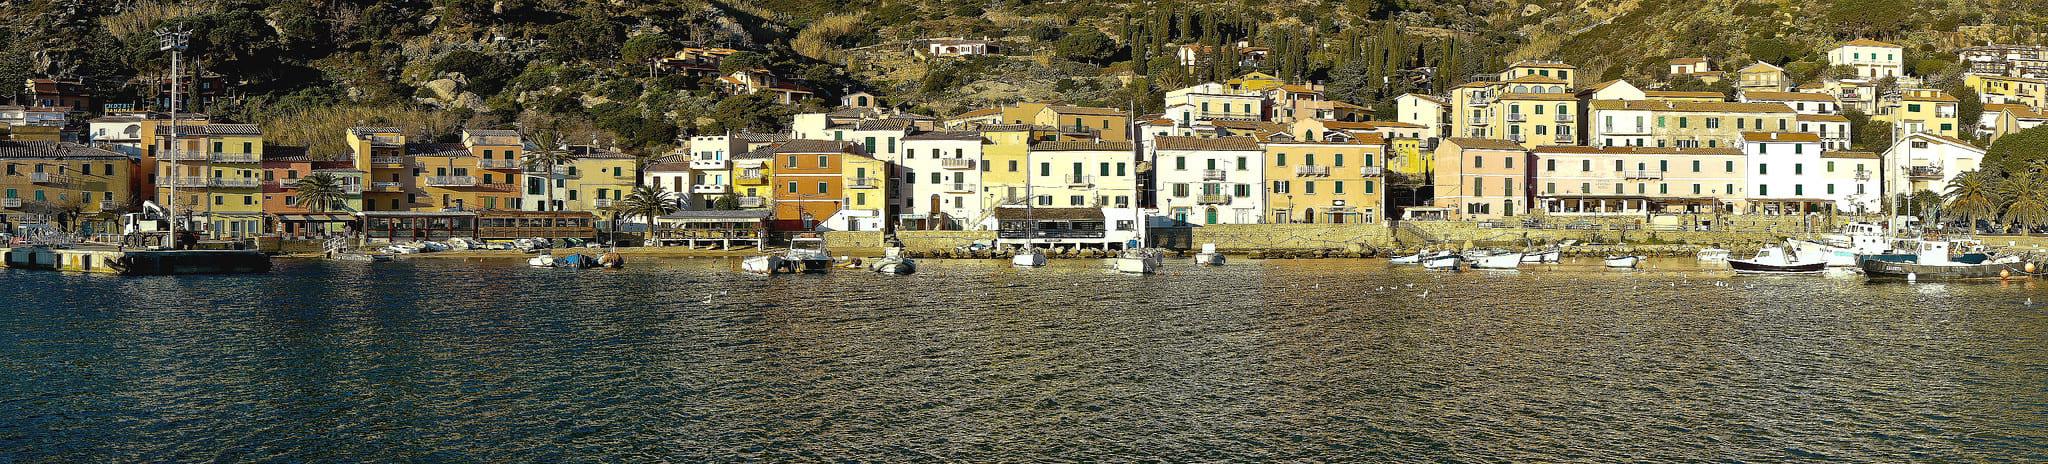 hotel strani italia, isola del giglio faro